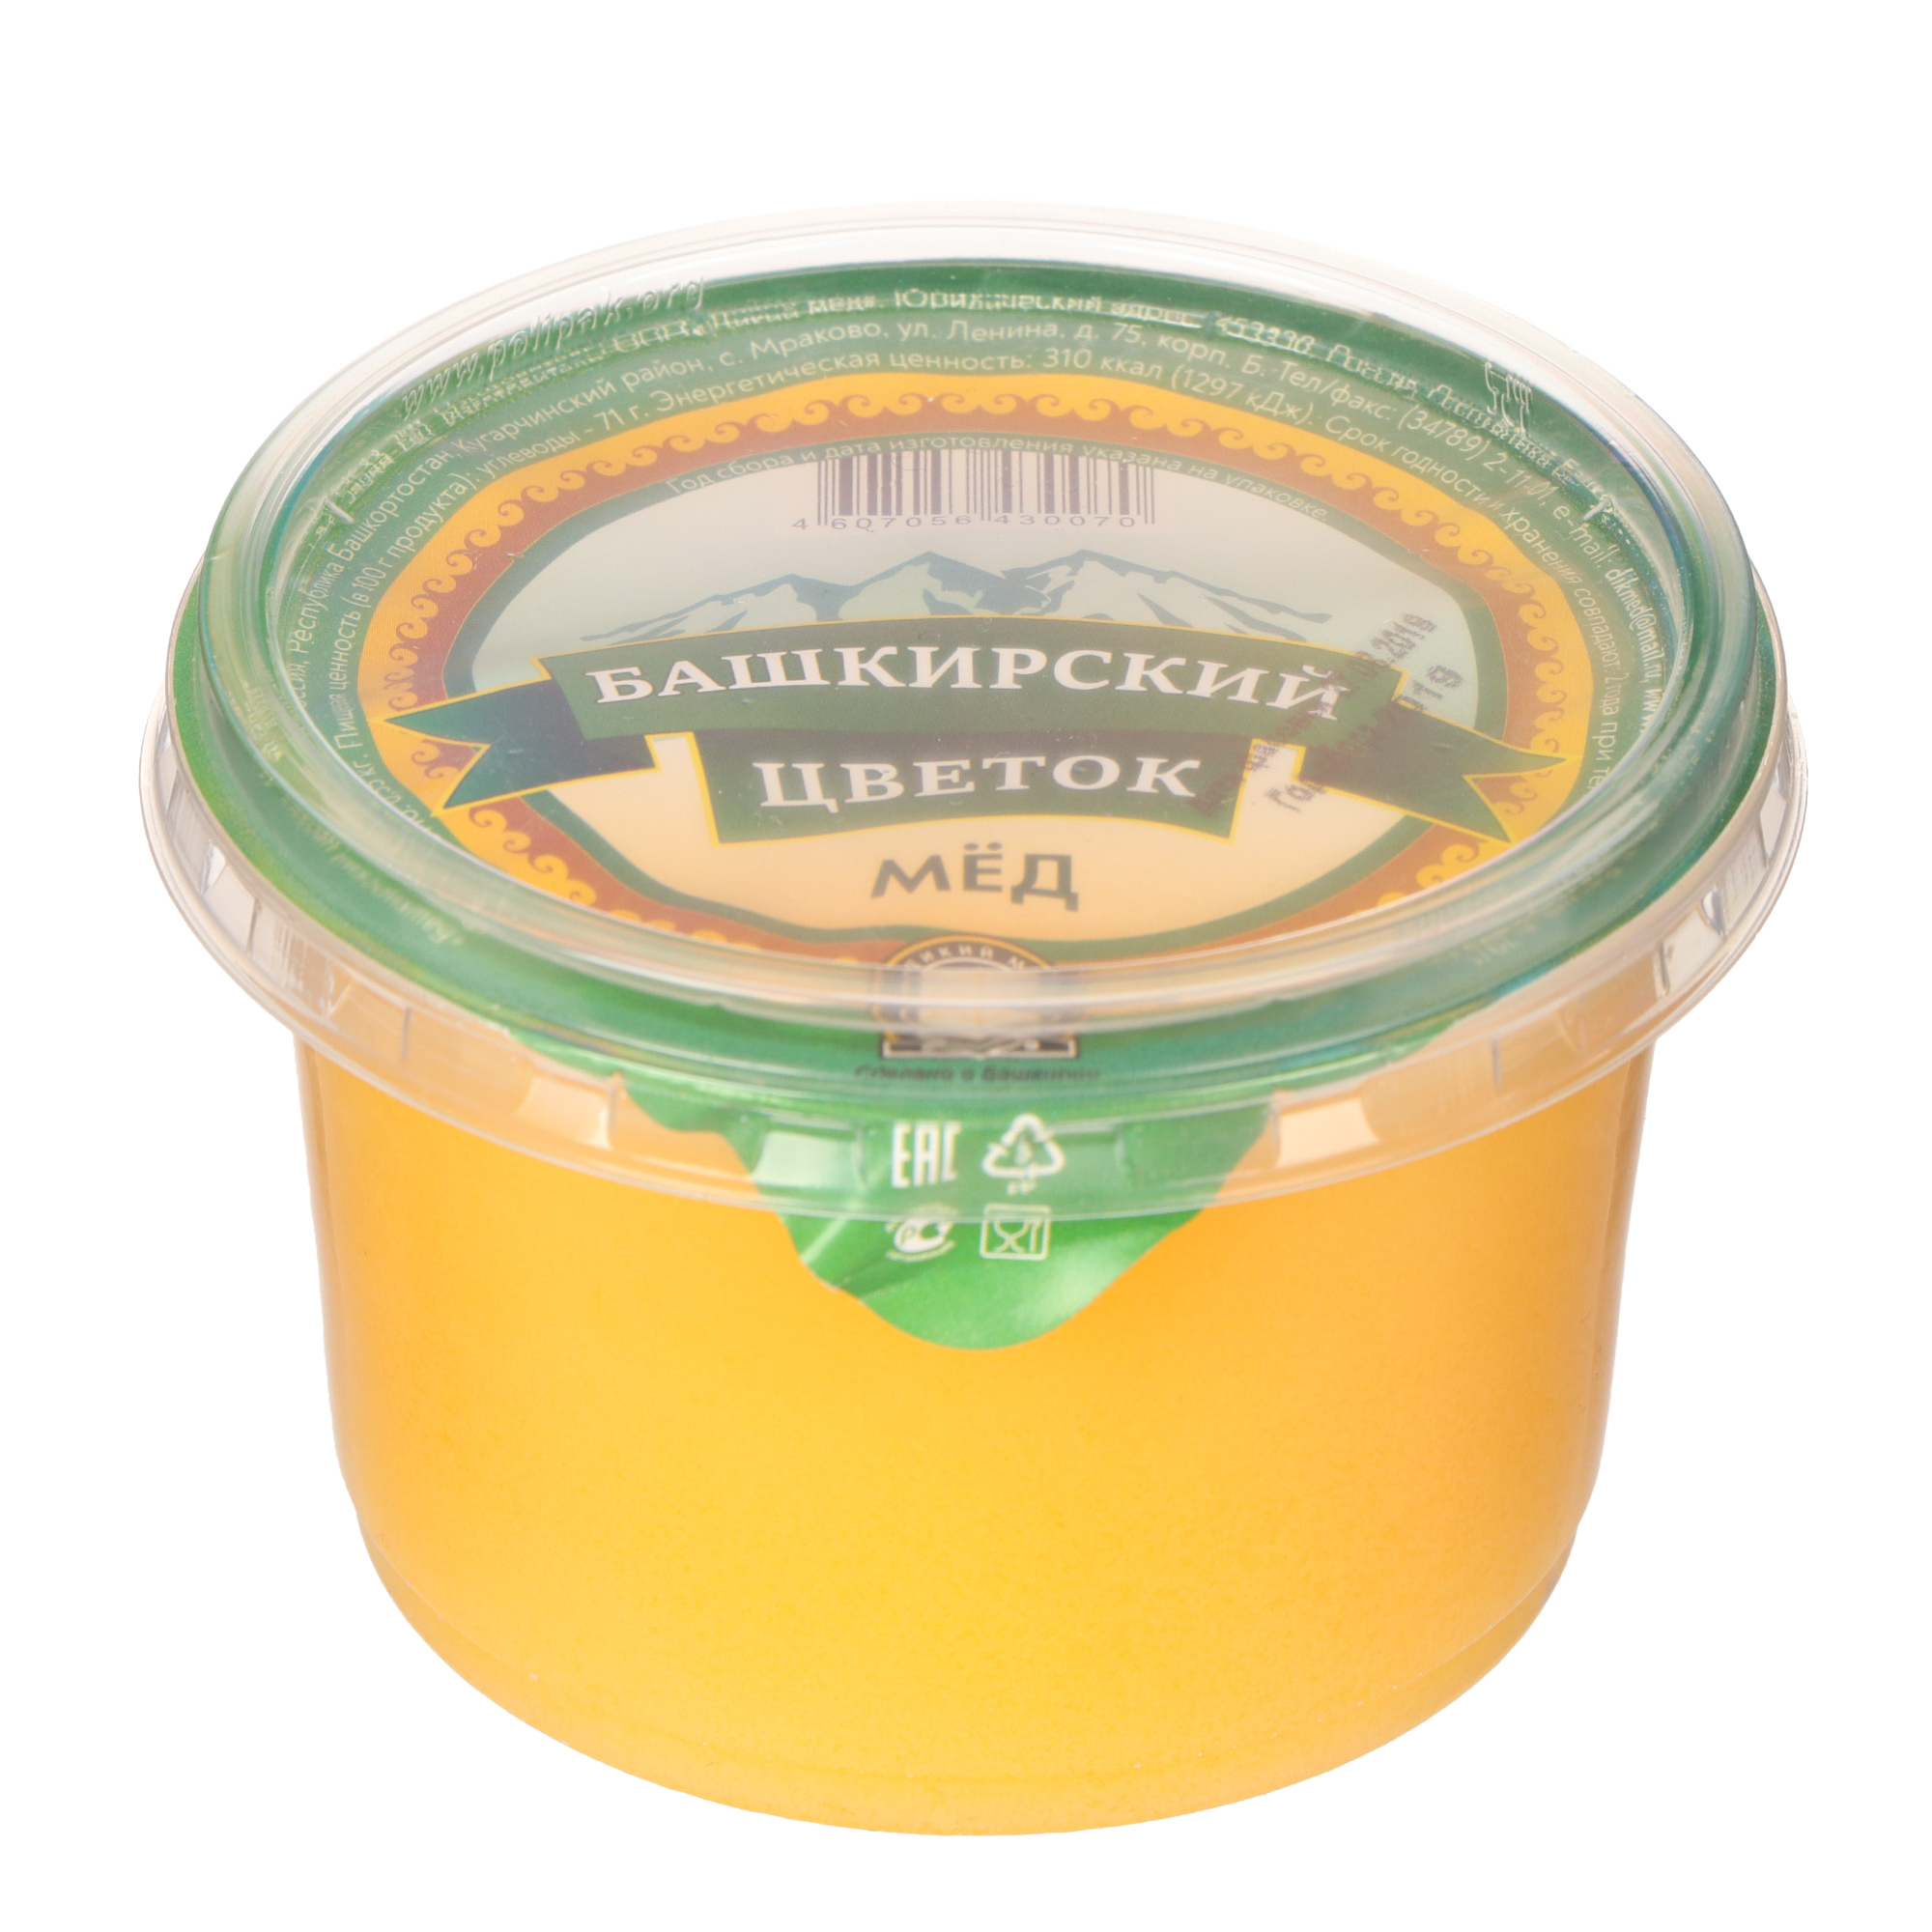 Мед Дикий Мед Башкирский цветок цветочный 350 г мед дикий мед башкирский цветок цветочный 600 г